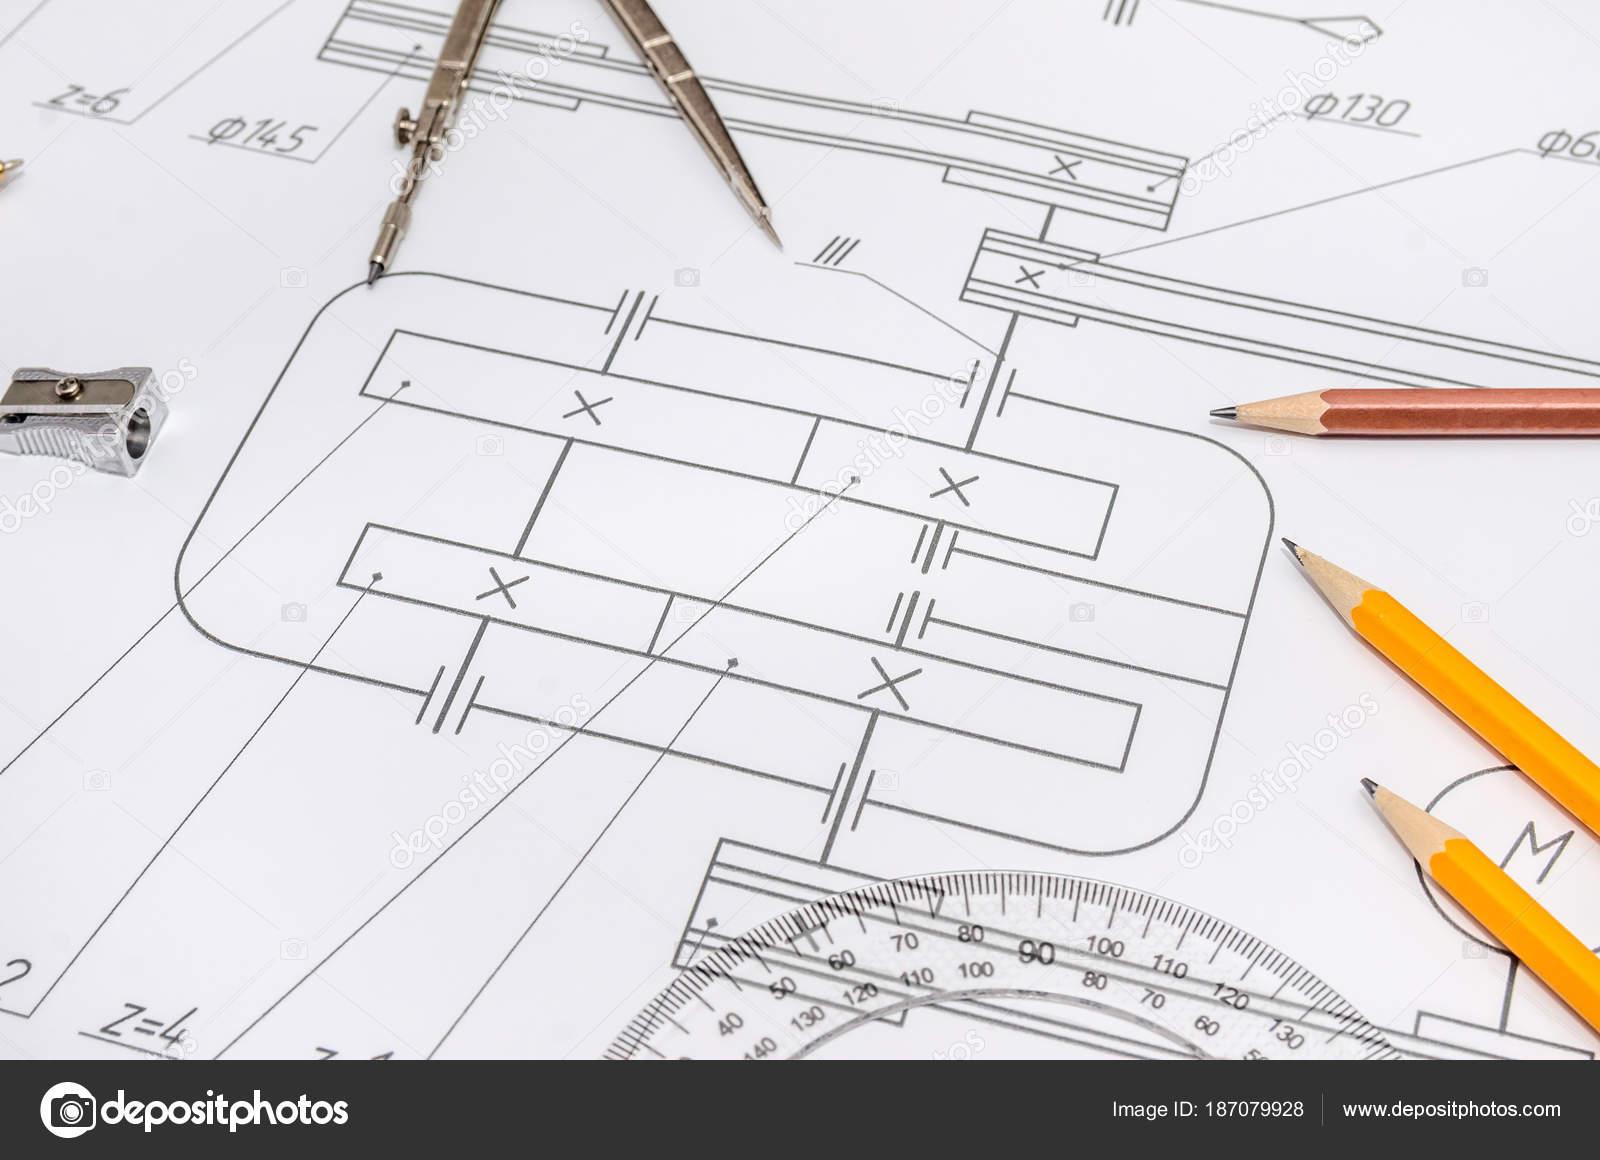 Die Technische Zeichnung Mit Werkzeugen — Stockfoto © alfexe #187079928